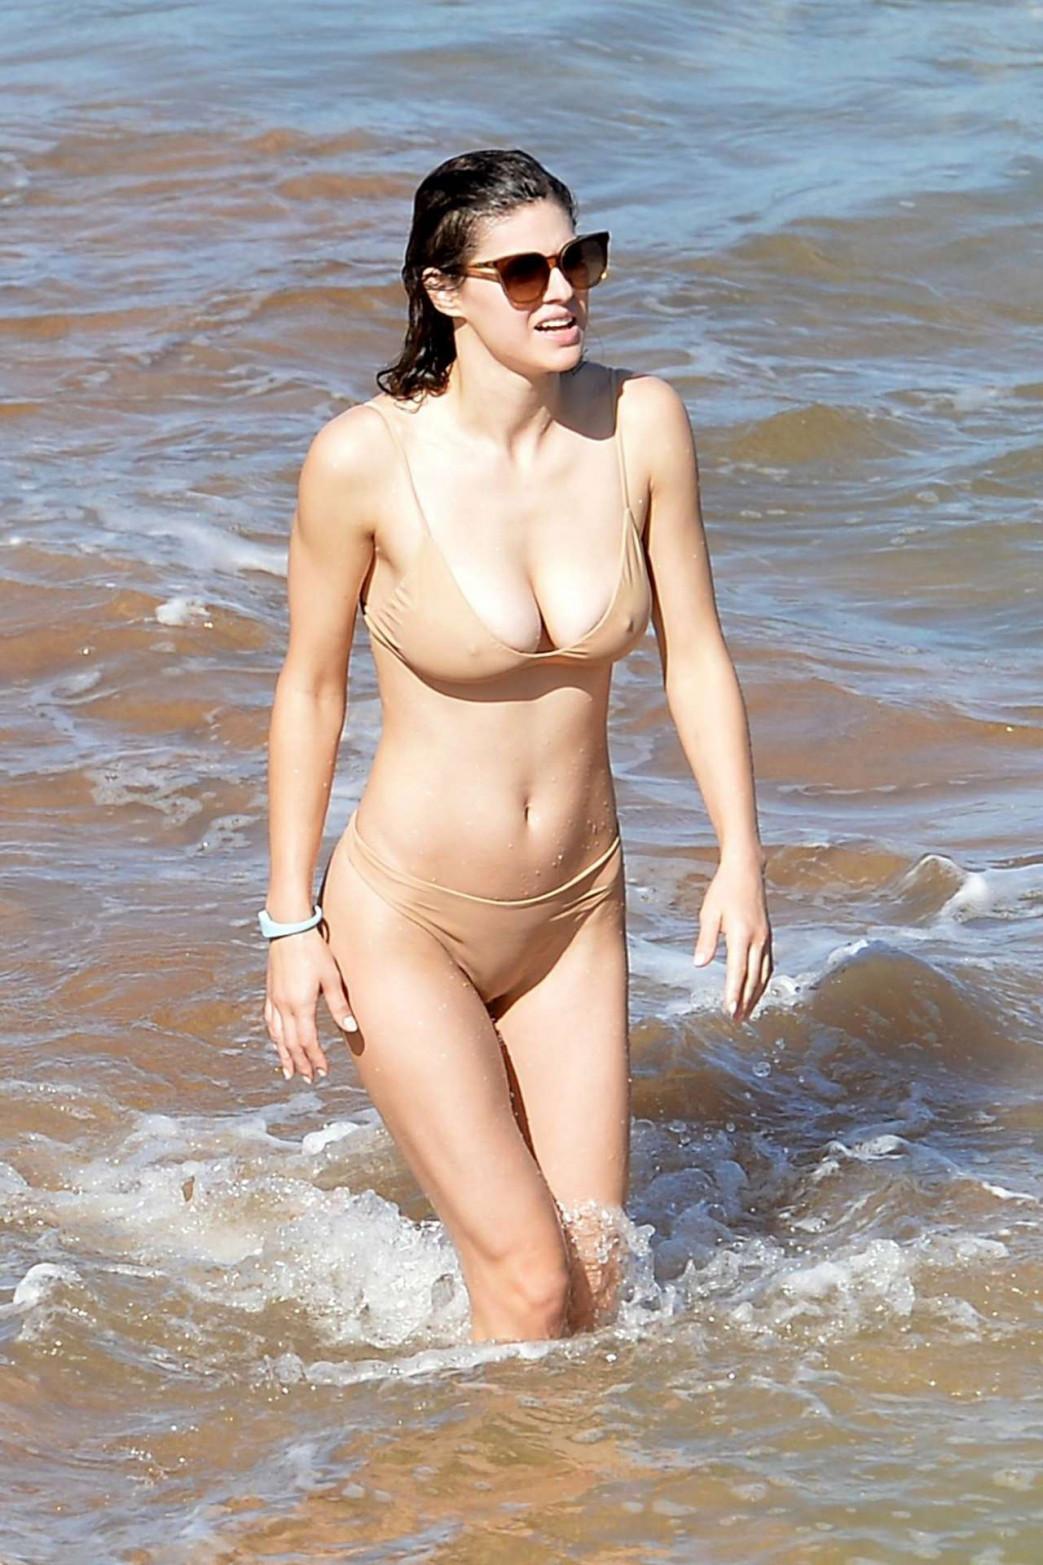 Alexandra-Daddario-Pokies-and-Wedgie-Picking-In-Wet-Bikini-11.jpg